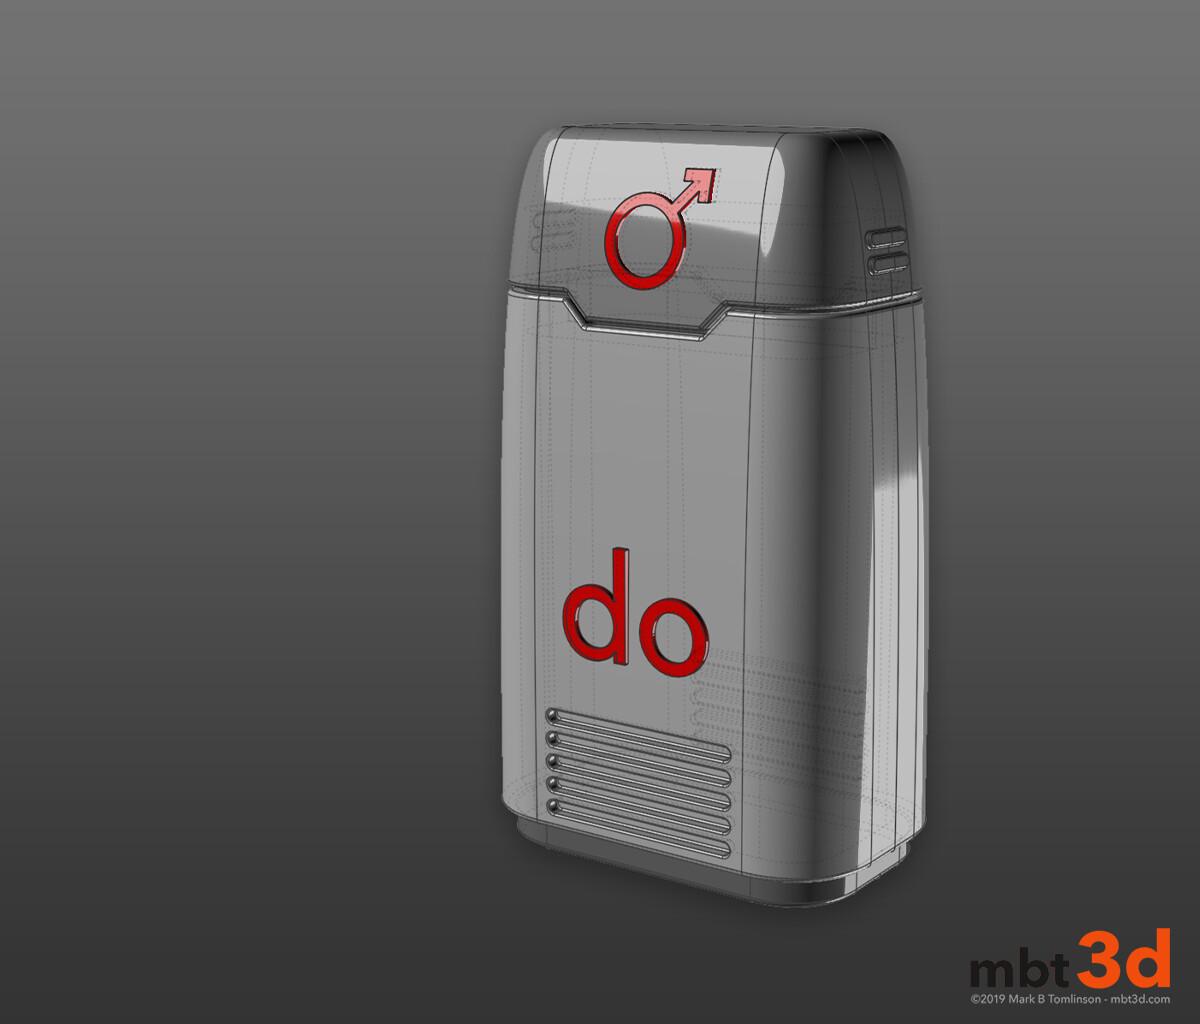 d o: deodorant moi